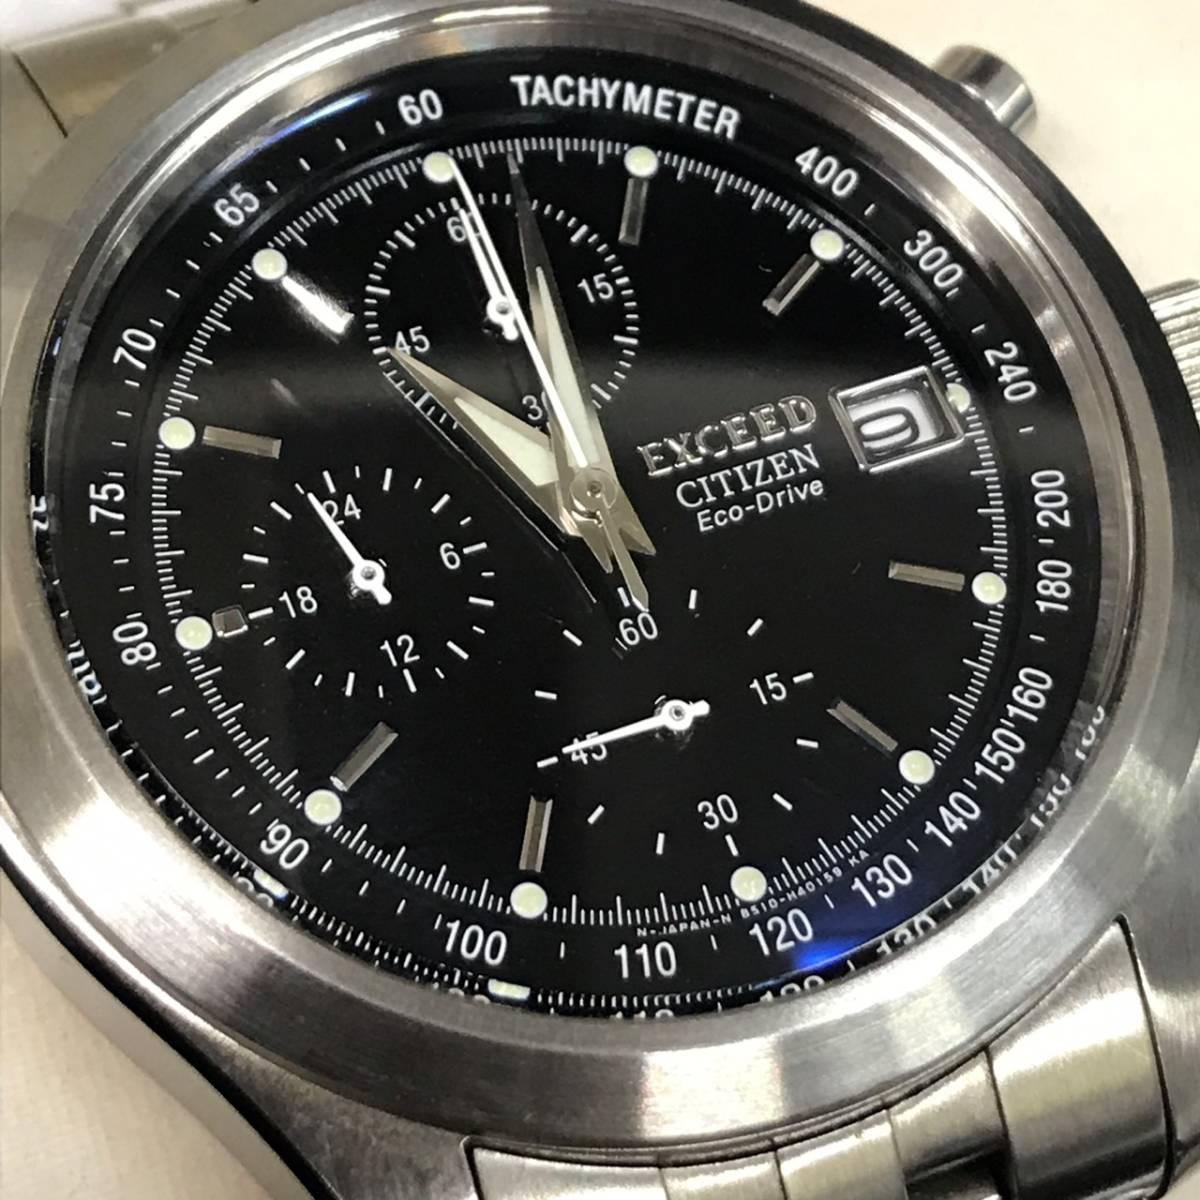 C23f01D シチズン CITIZEN エクシード エコドライブ B510 H23290 クオーツ 腕時計 自動巻き 記念品